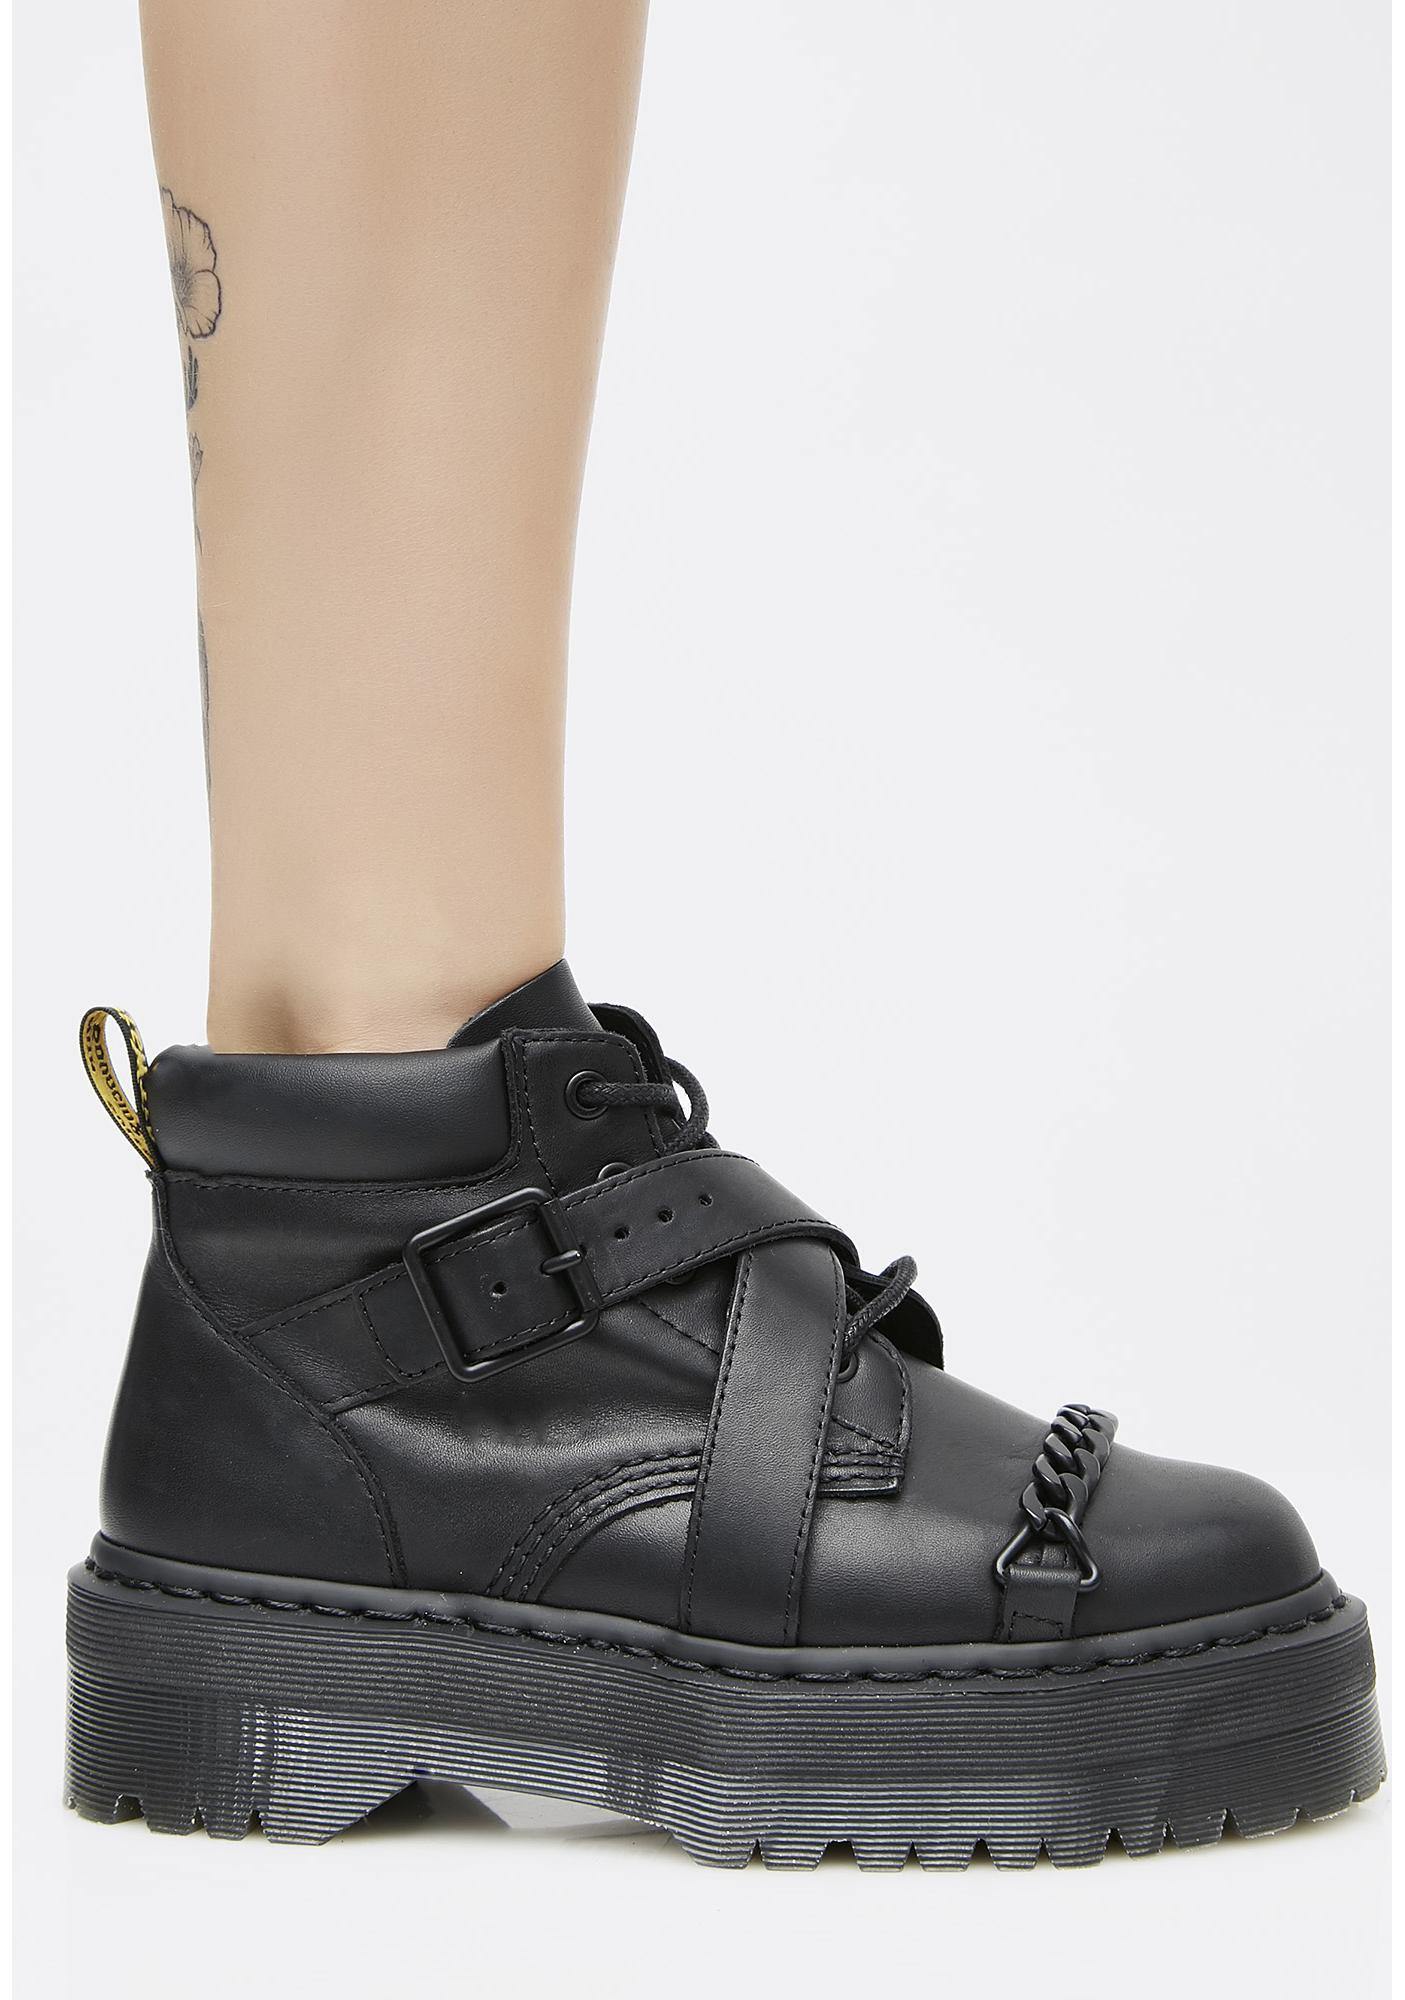 9384674f991 ... Dr. Martens Beaumann Boots ...